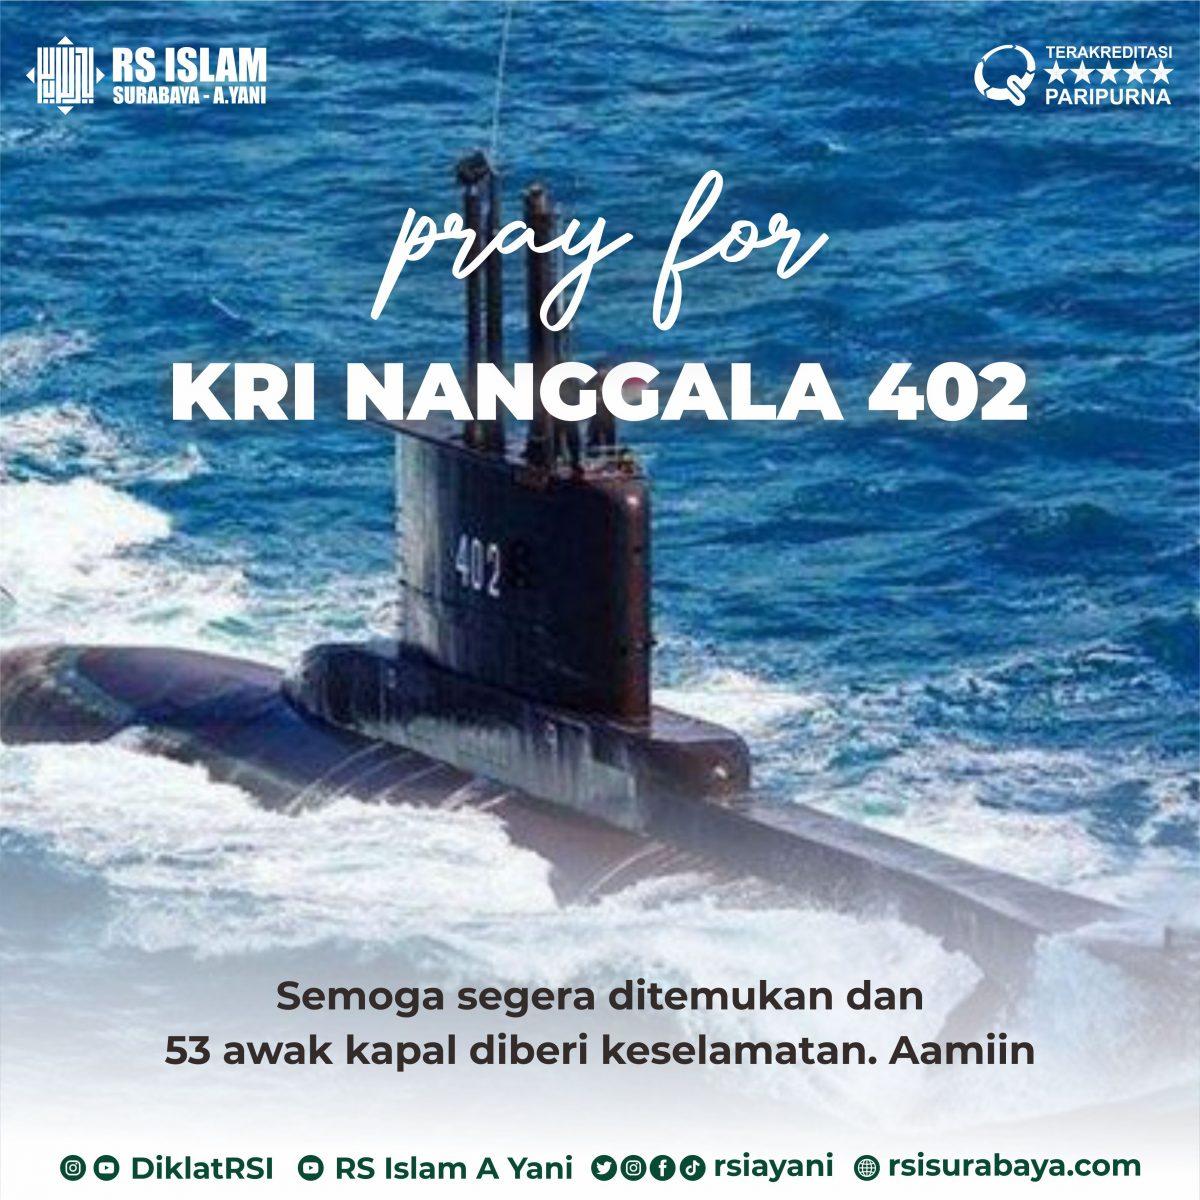 Nanggala402-1200x1200.jpg